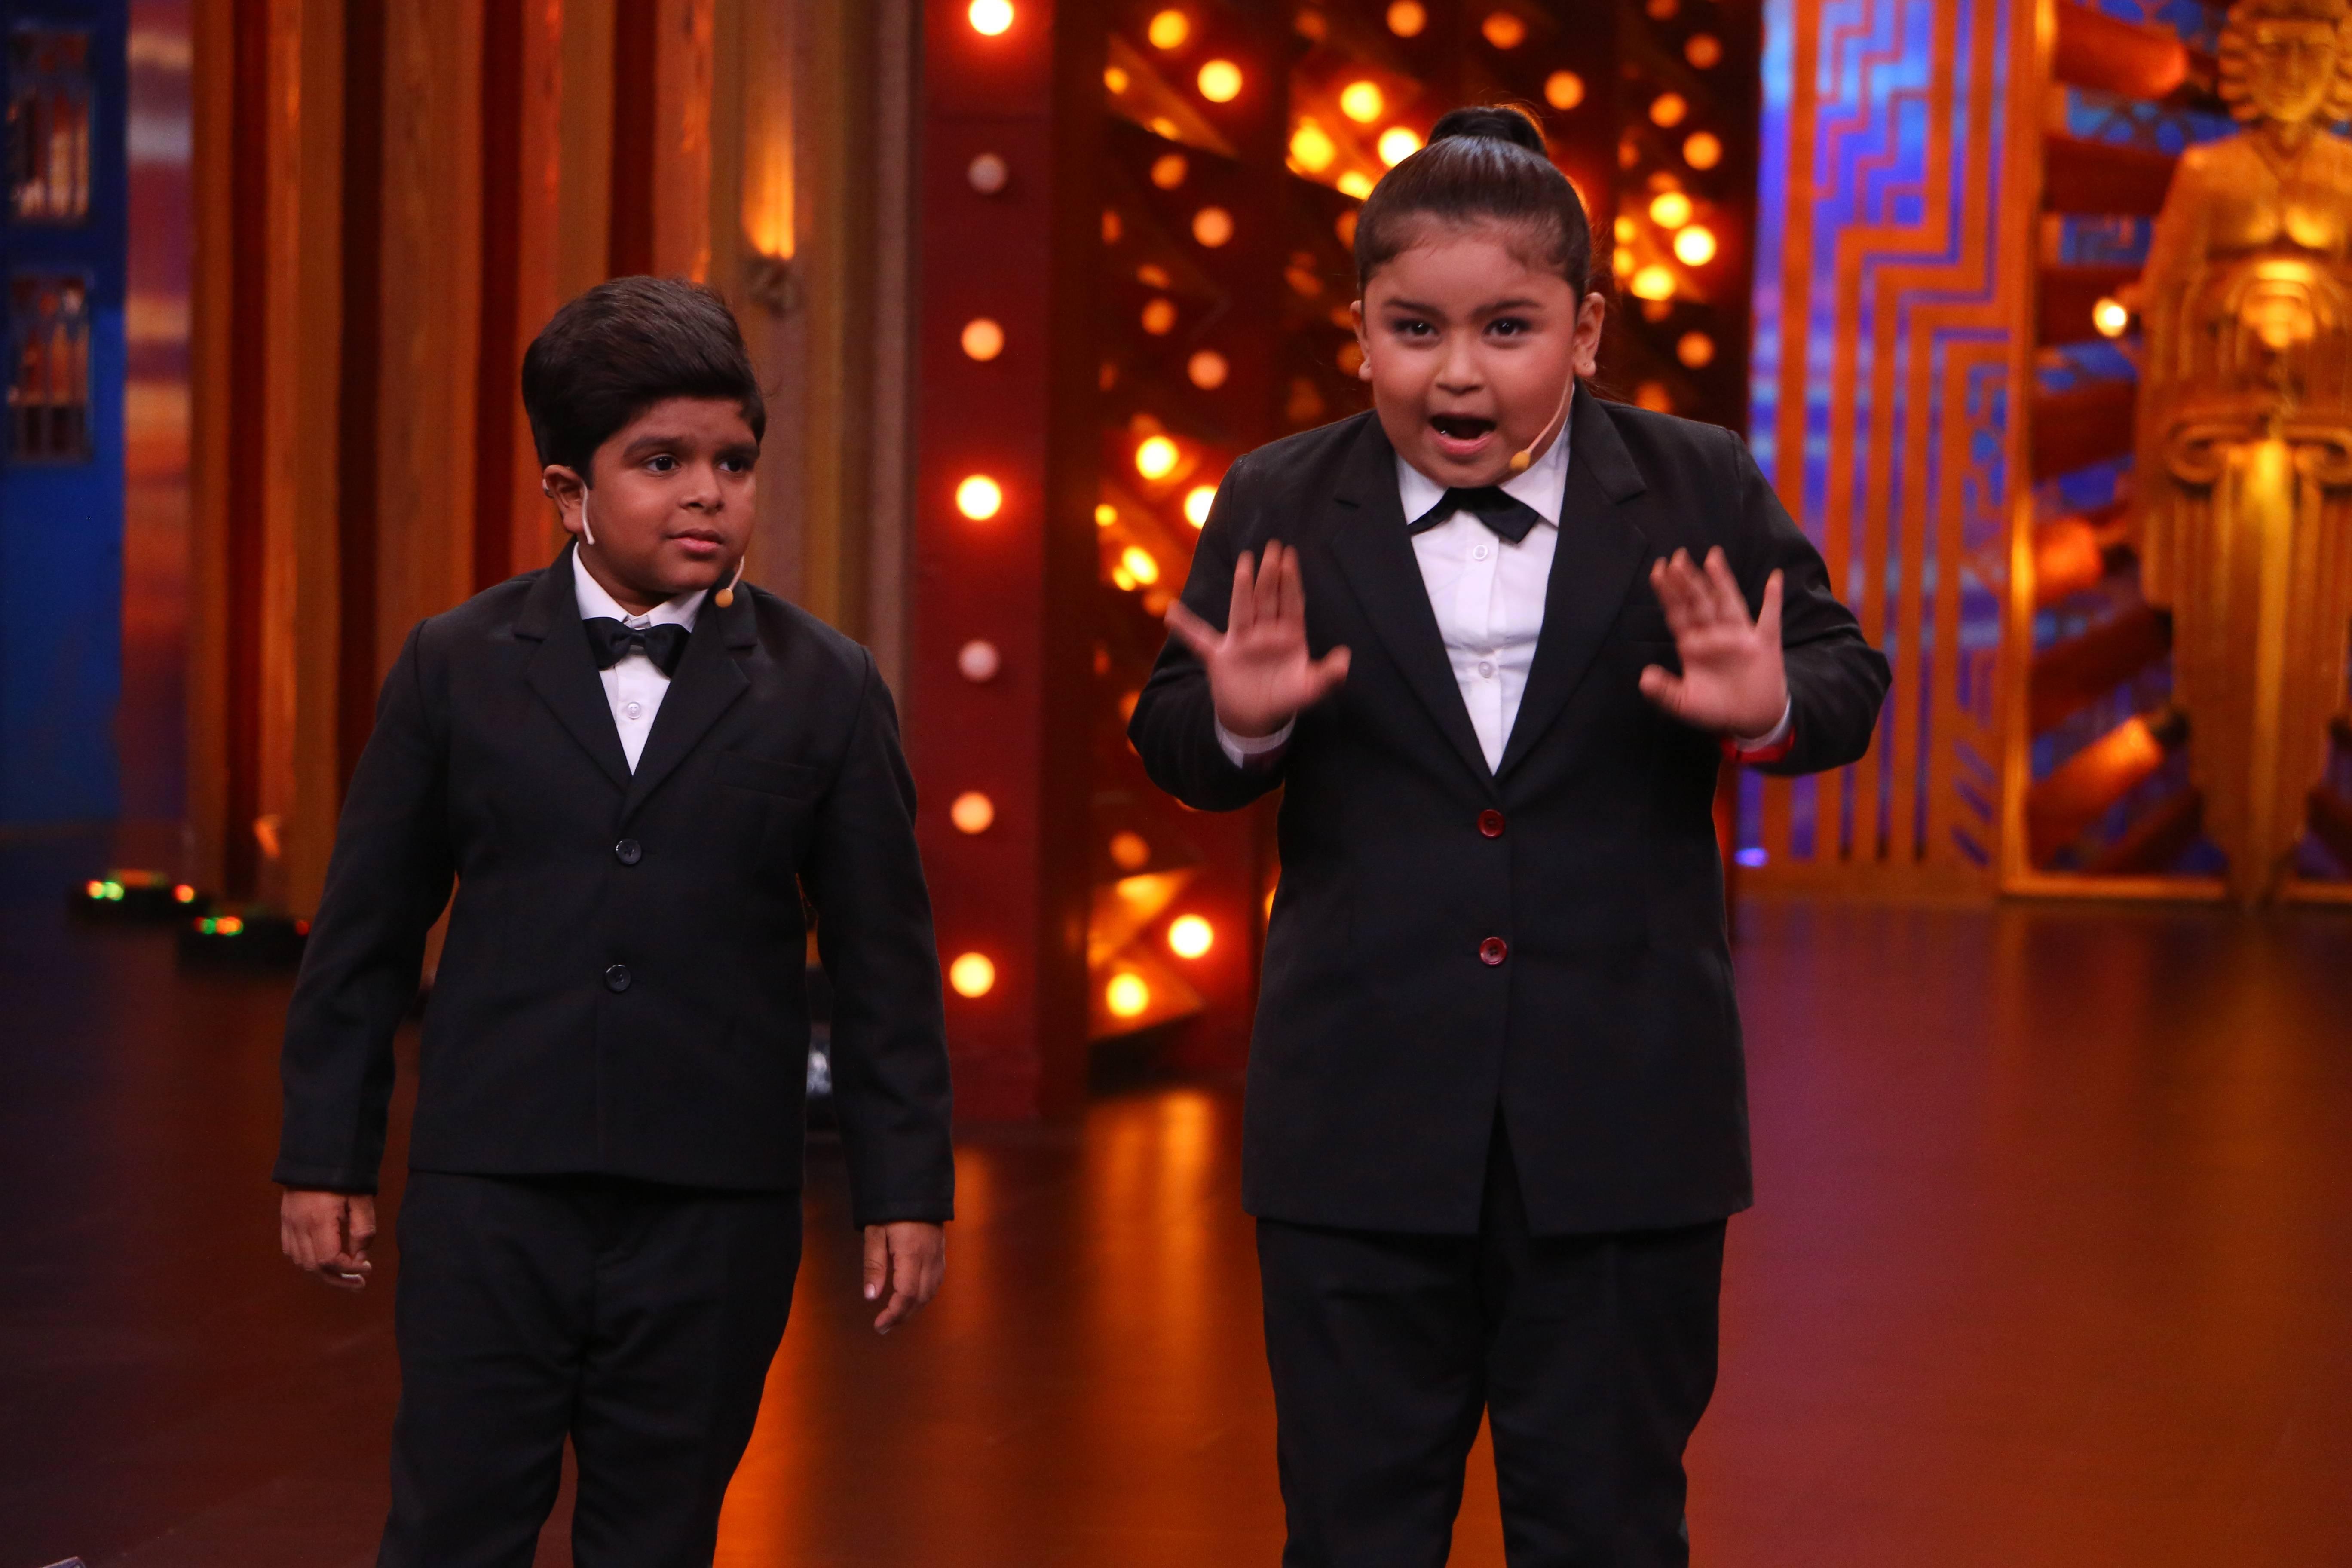 Sneak Peek: Be ready, 'Entertainment Ki Raat' will be a total dhamaal this weekend!